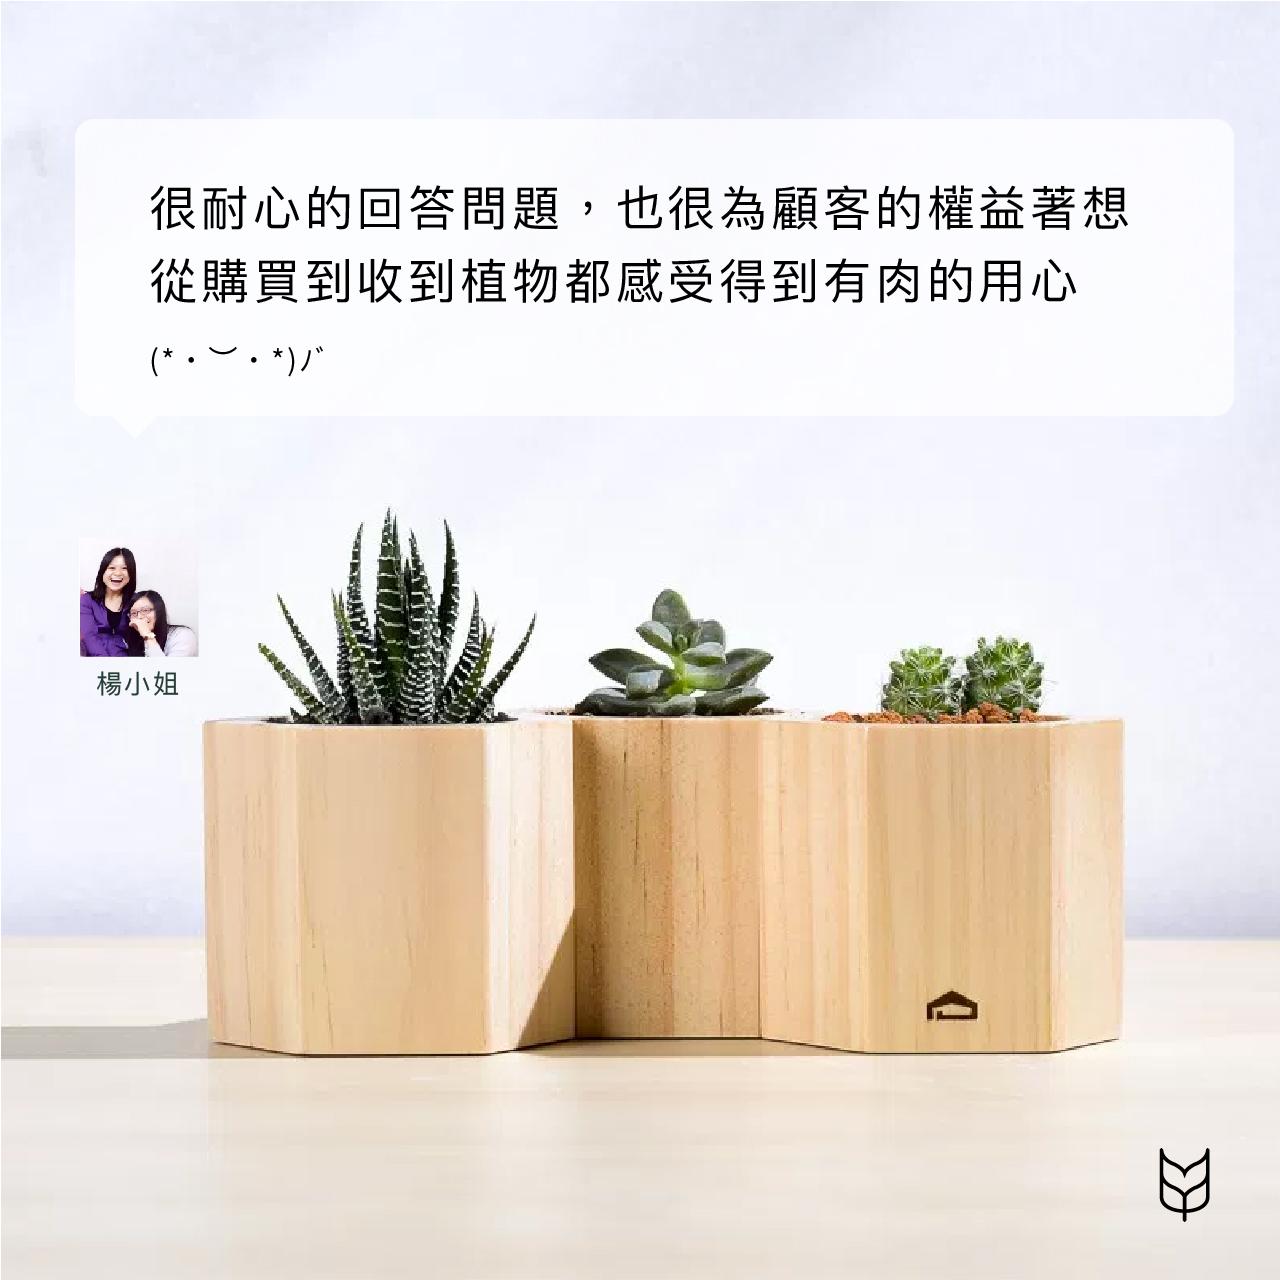 多肉蜂巢木盒 3 0623 客戶的聲音版型 v1 07